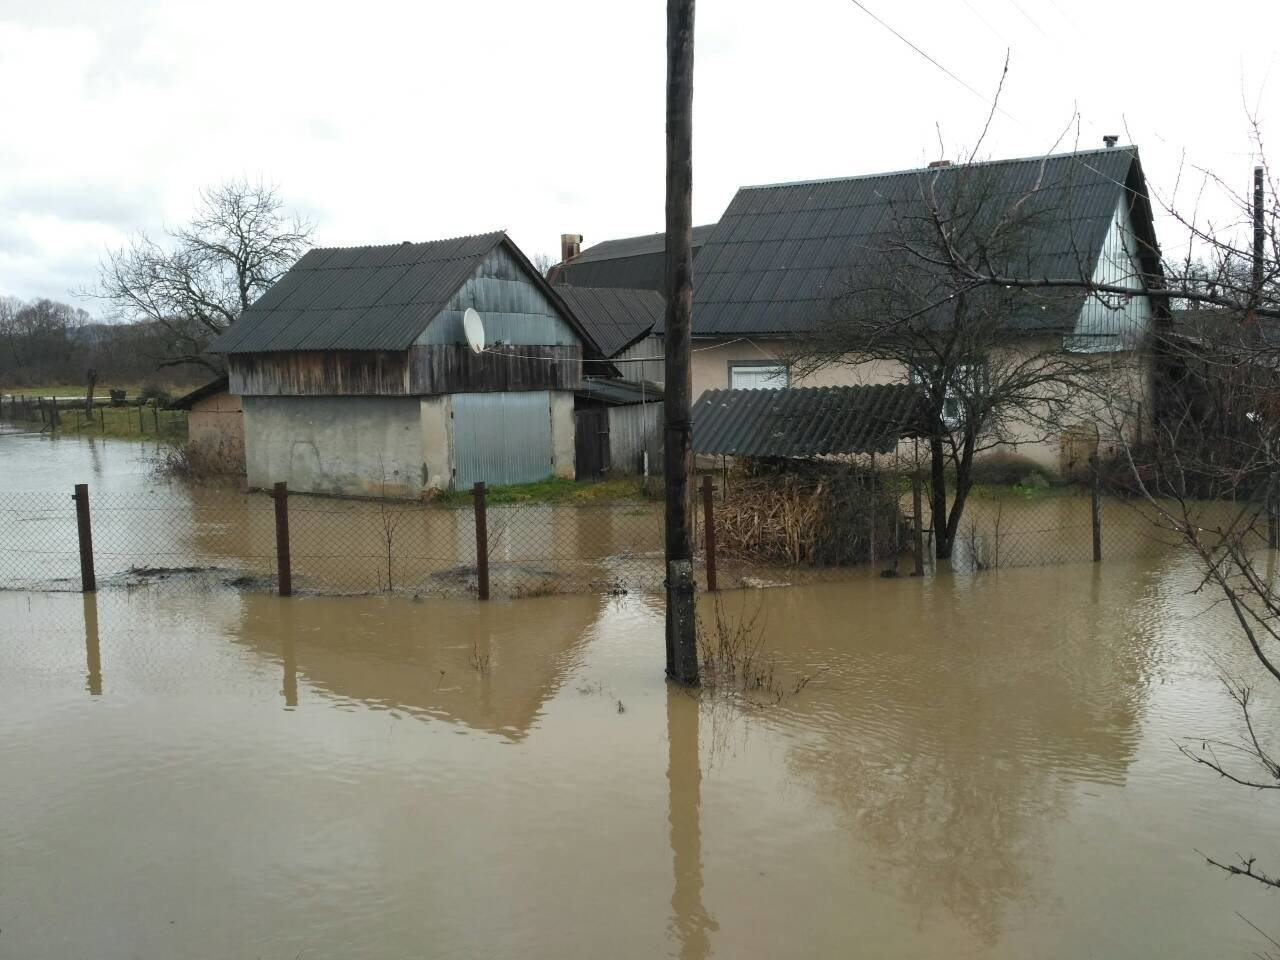 Закарпаття затопило: 490 гектарів сільгоспугідь, житлові помешкання та дороги під водою: фото, фото-2